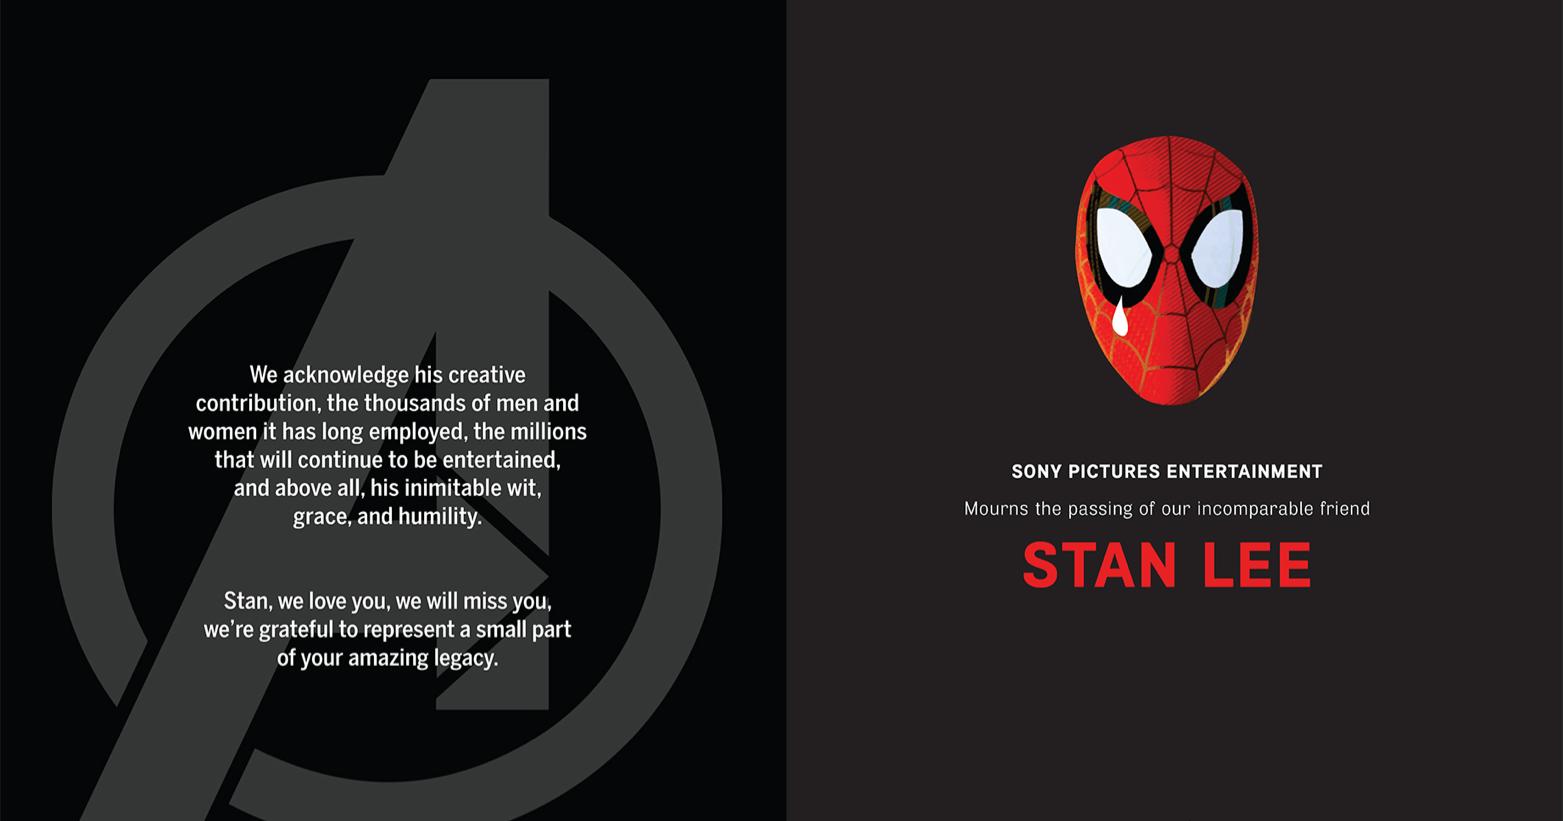 紀念史丹李| 初代復仇者聯盟英雄們及各大影業  刊登全版紀念廣告首圖